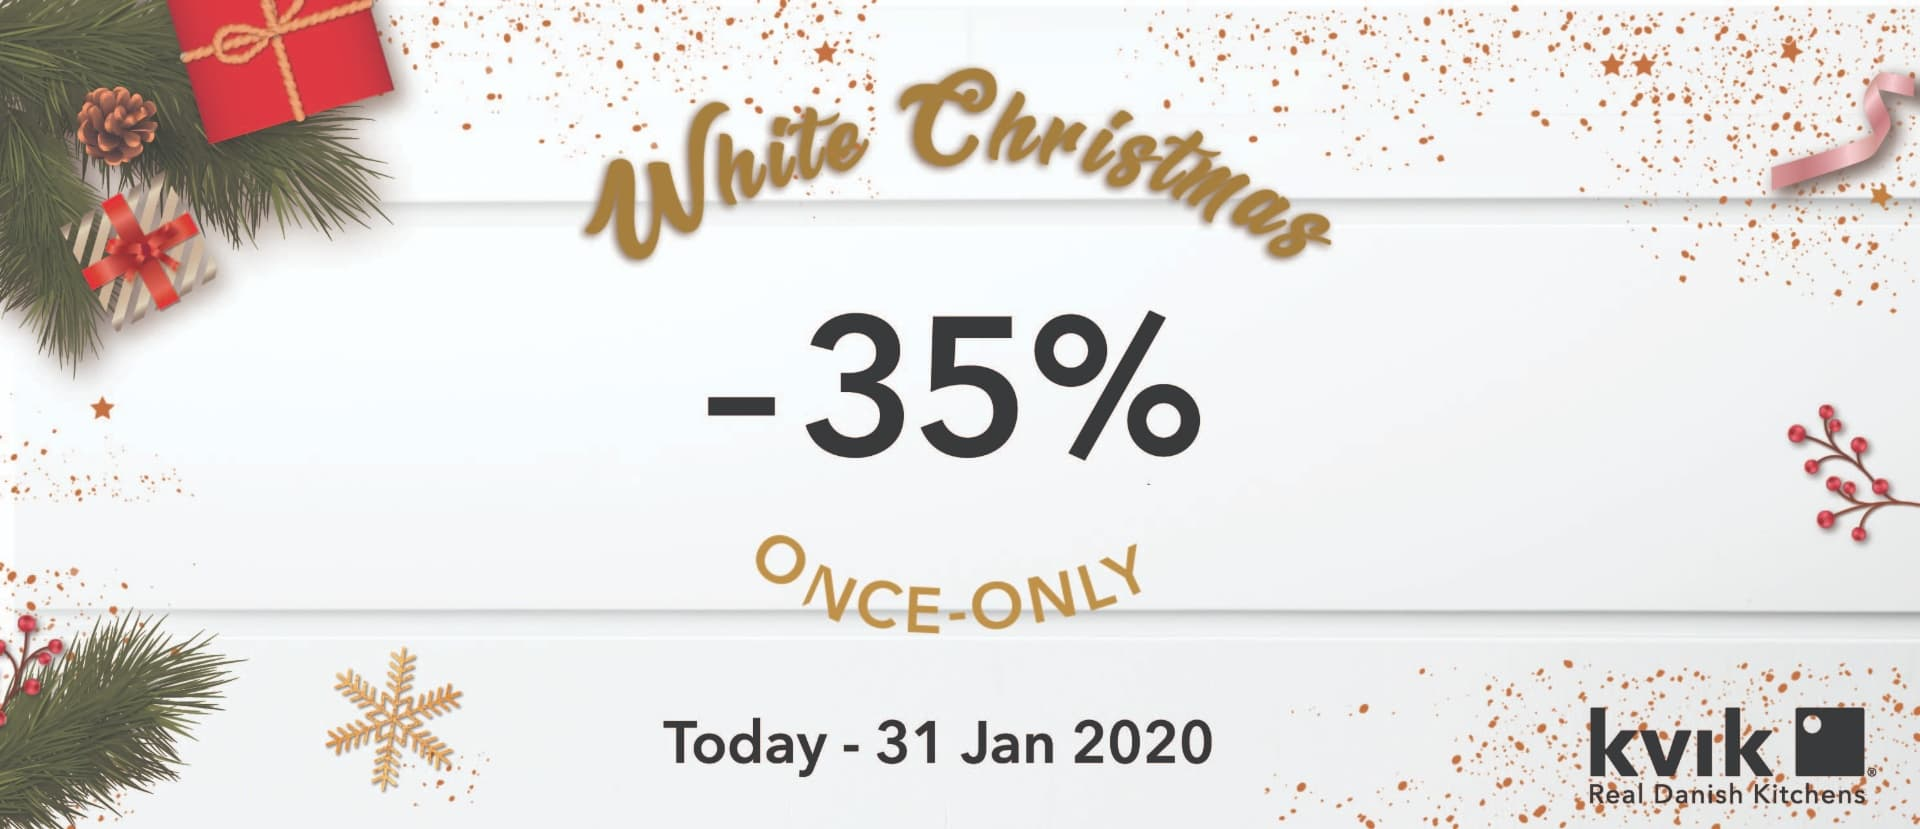 kvik white cristmas banner-01.jpg